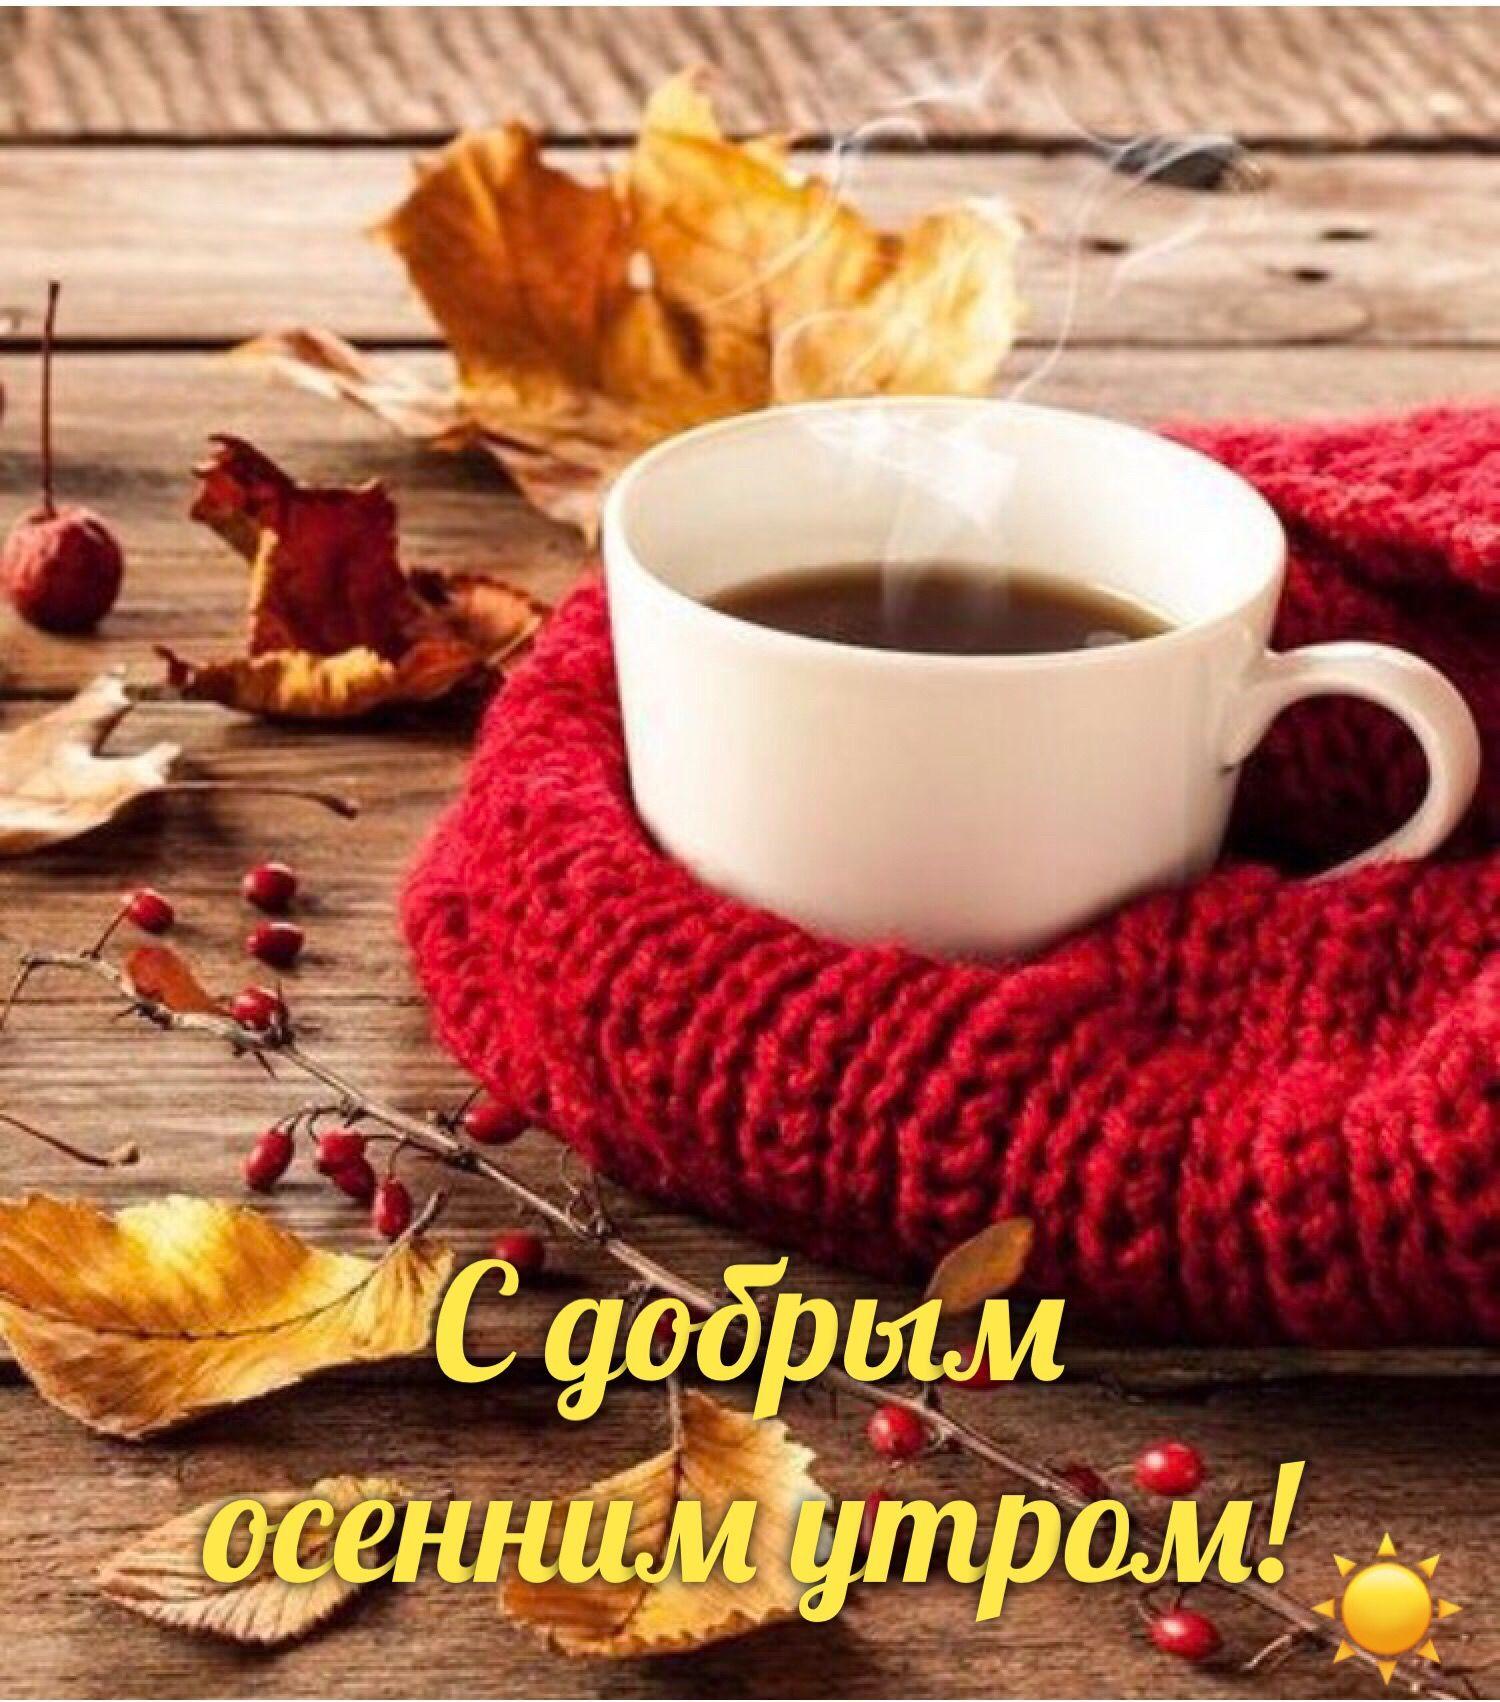 Доброе утро моя любимая картинки с осенью, открытки